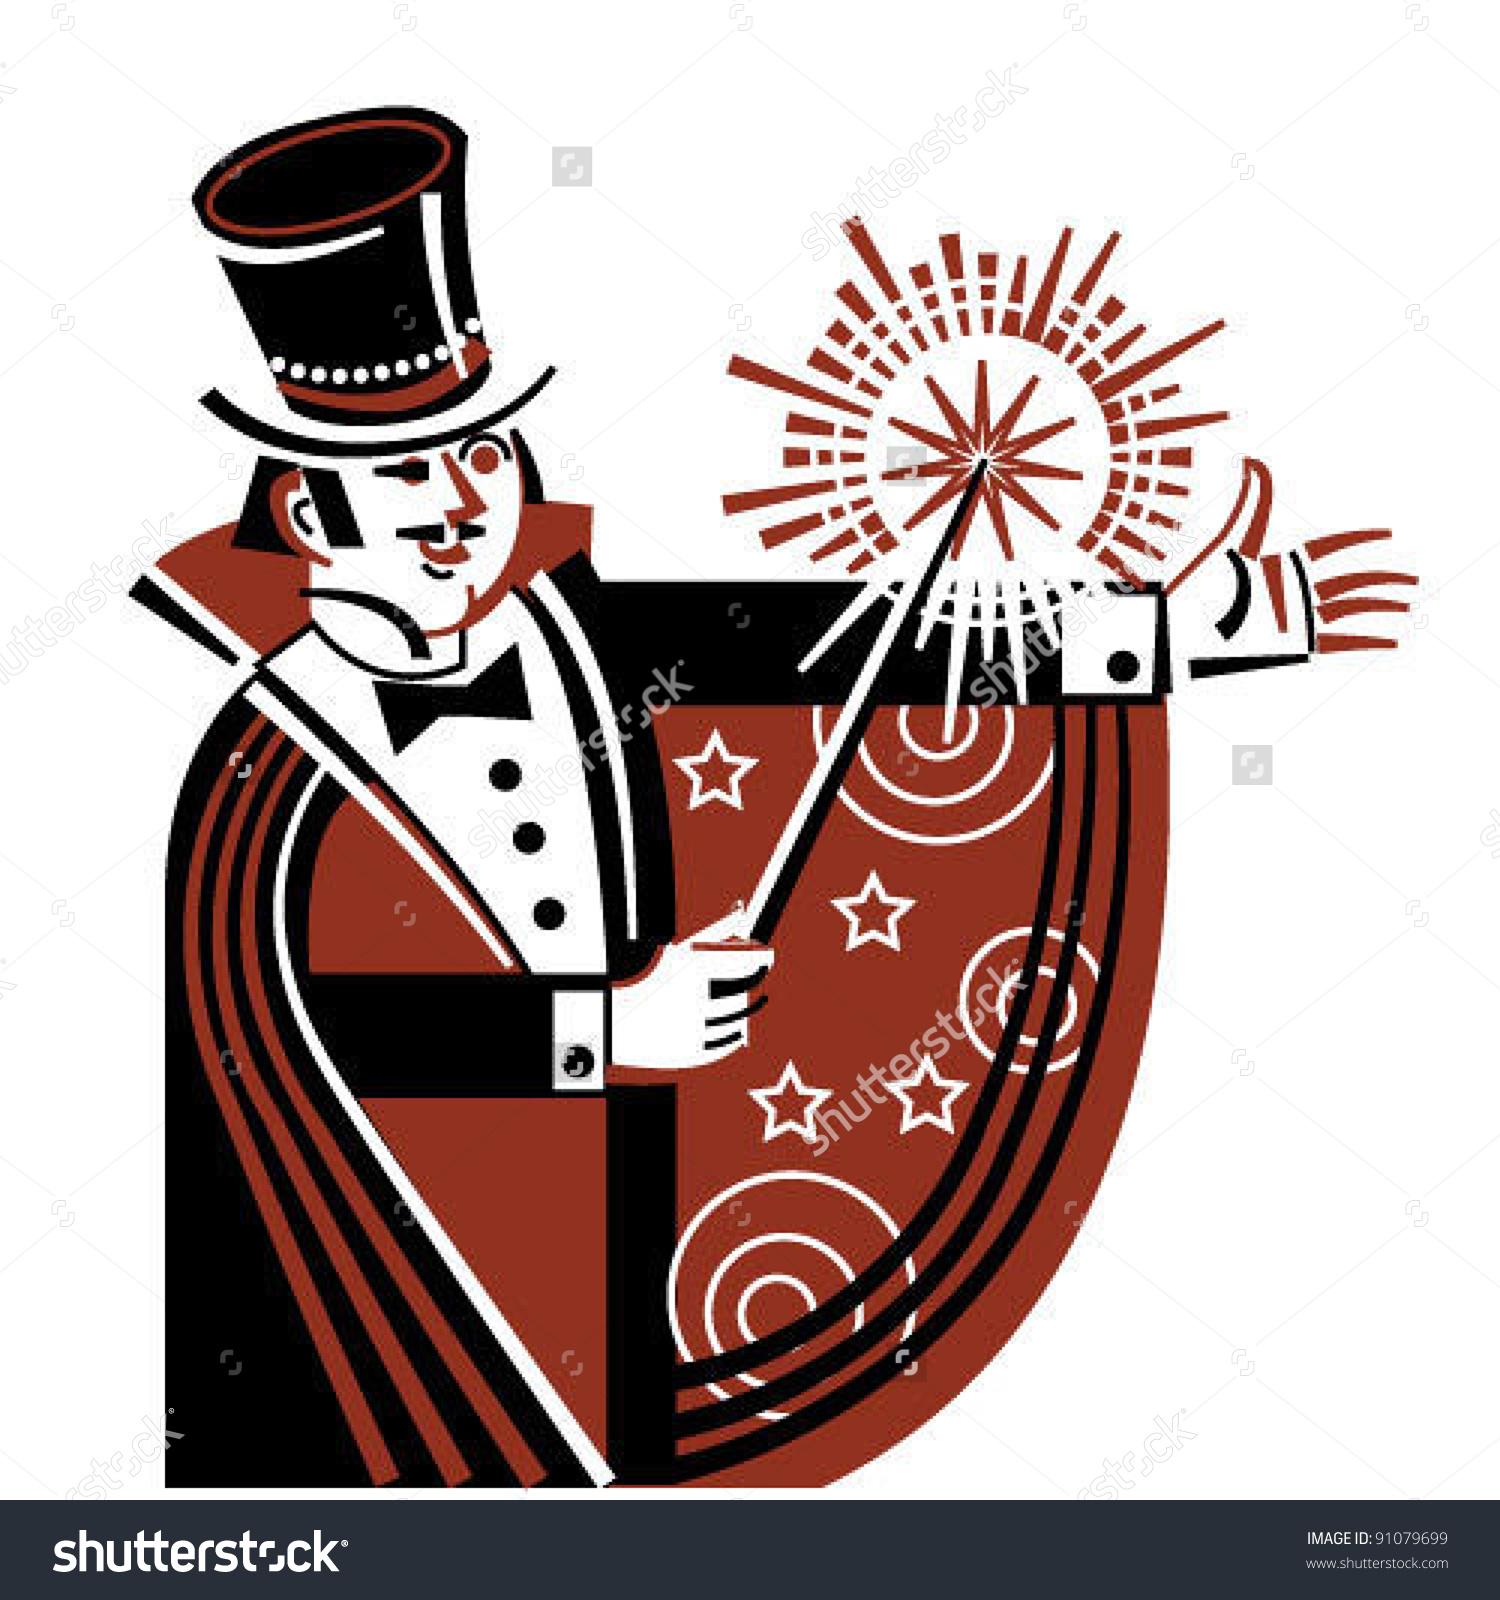 Illusionist Stock Vector Illustration 91079699 : Shutterstock.